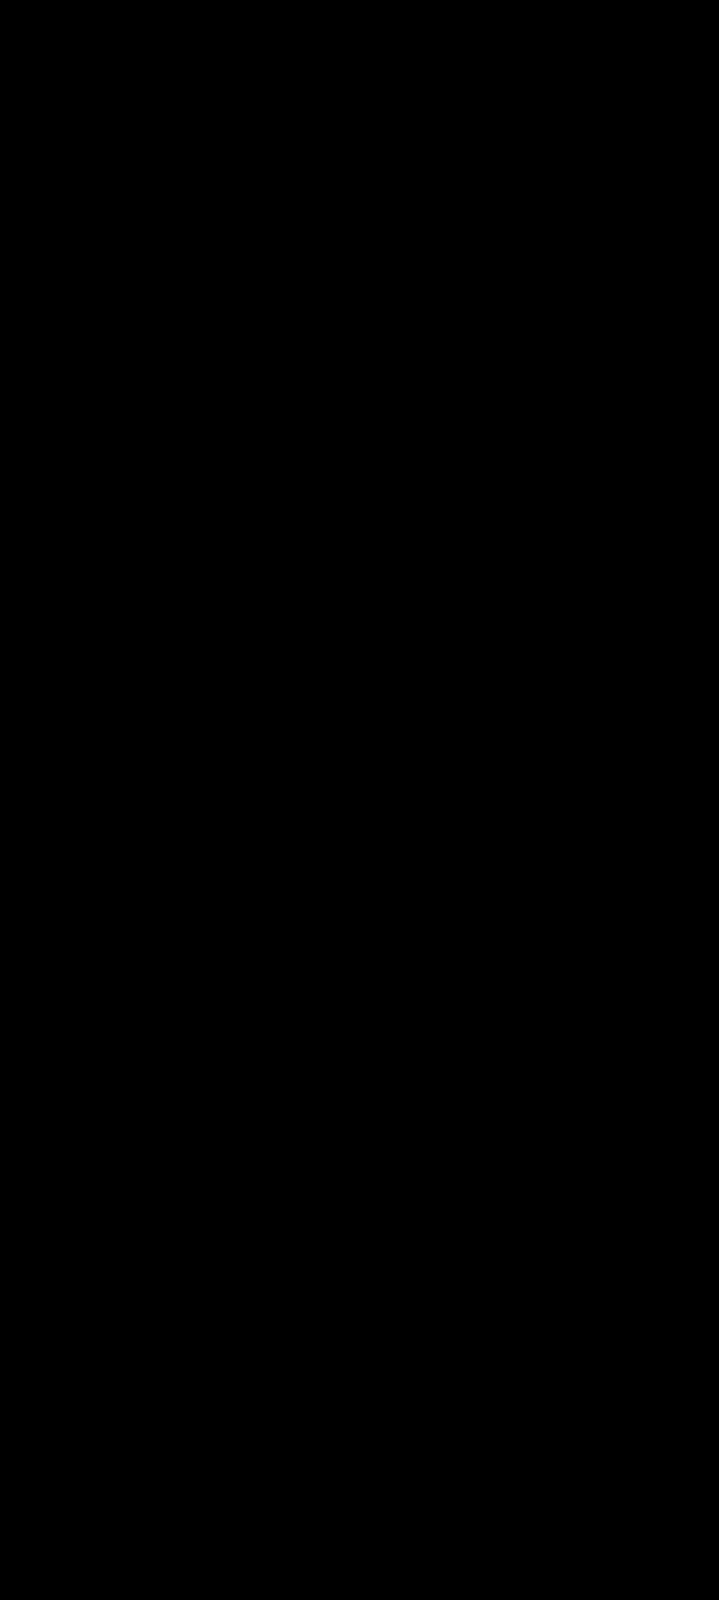 Bornholmer Standuhr von 1879